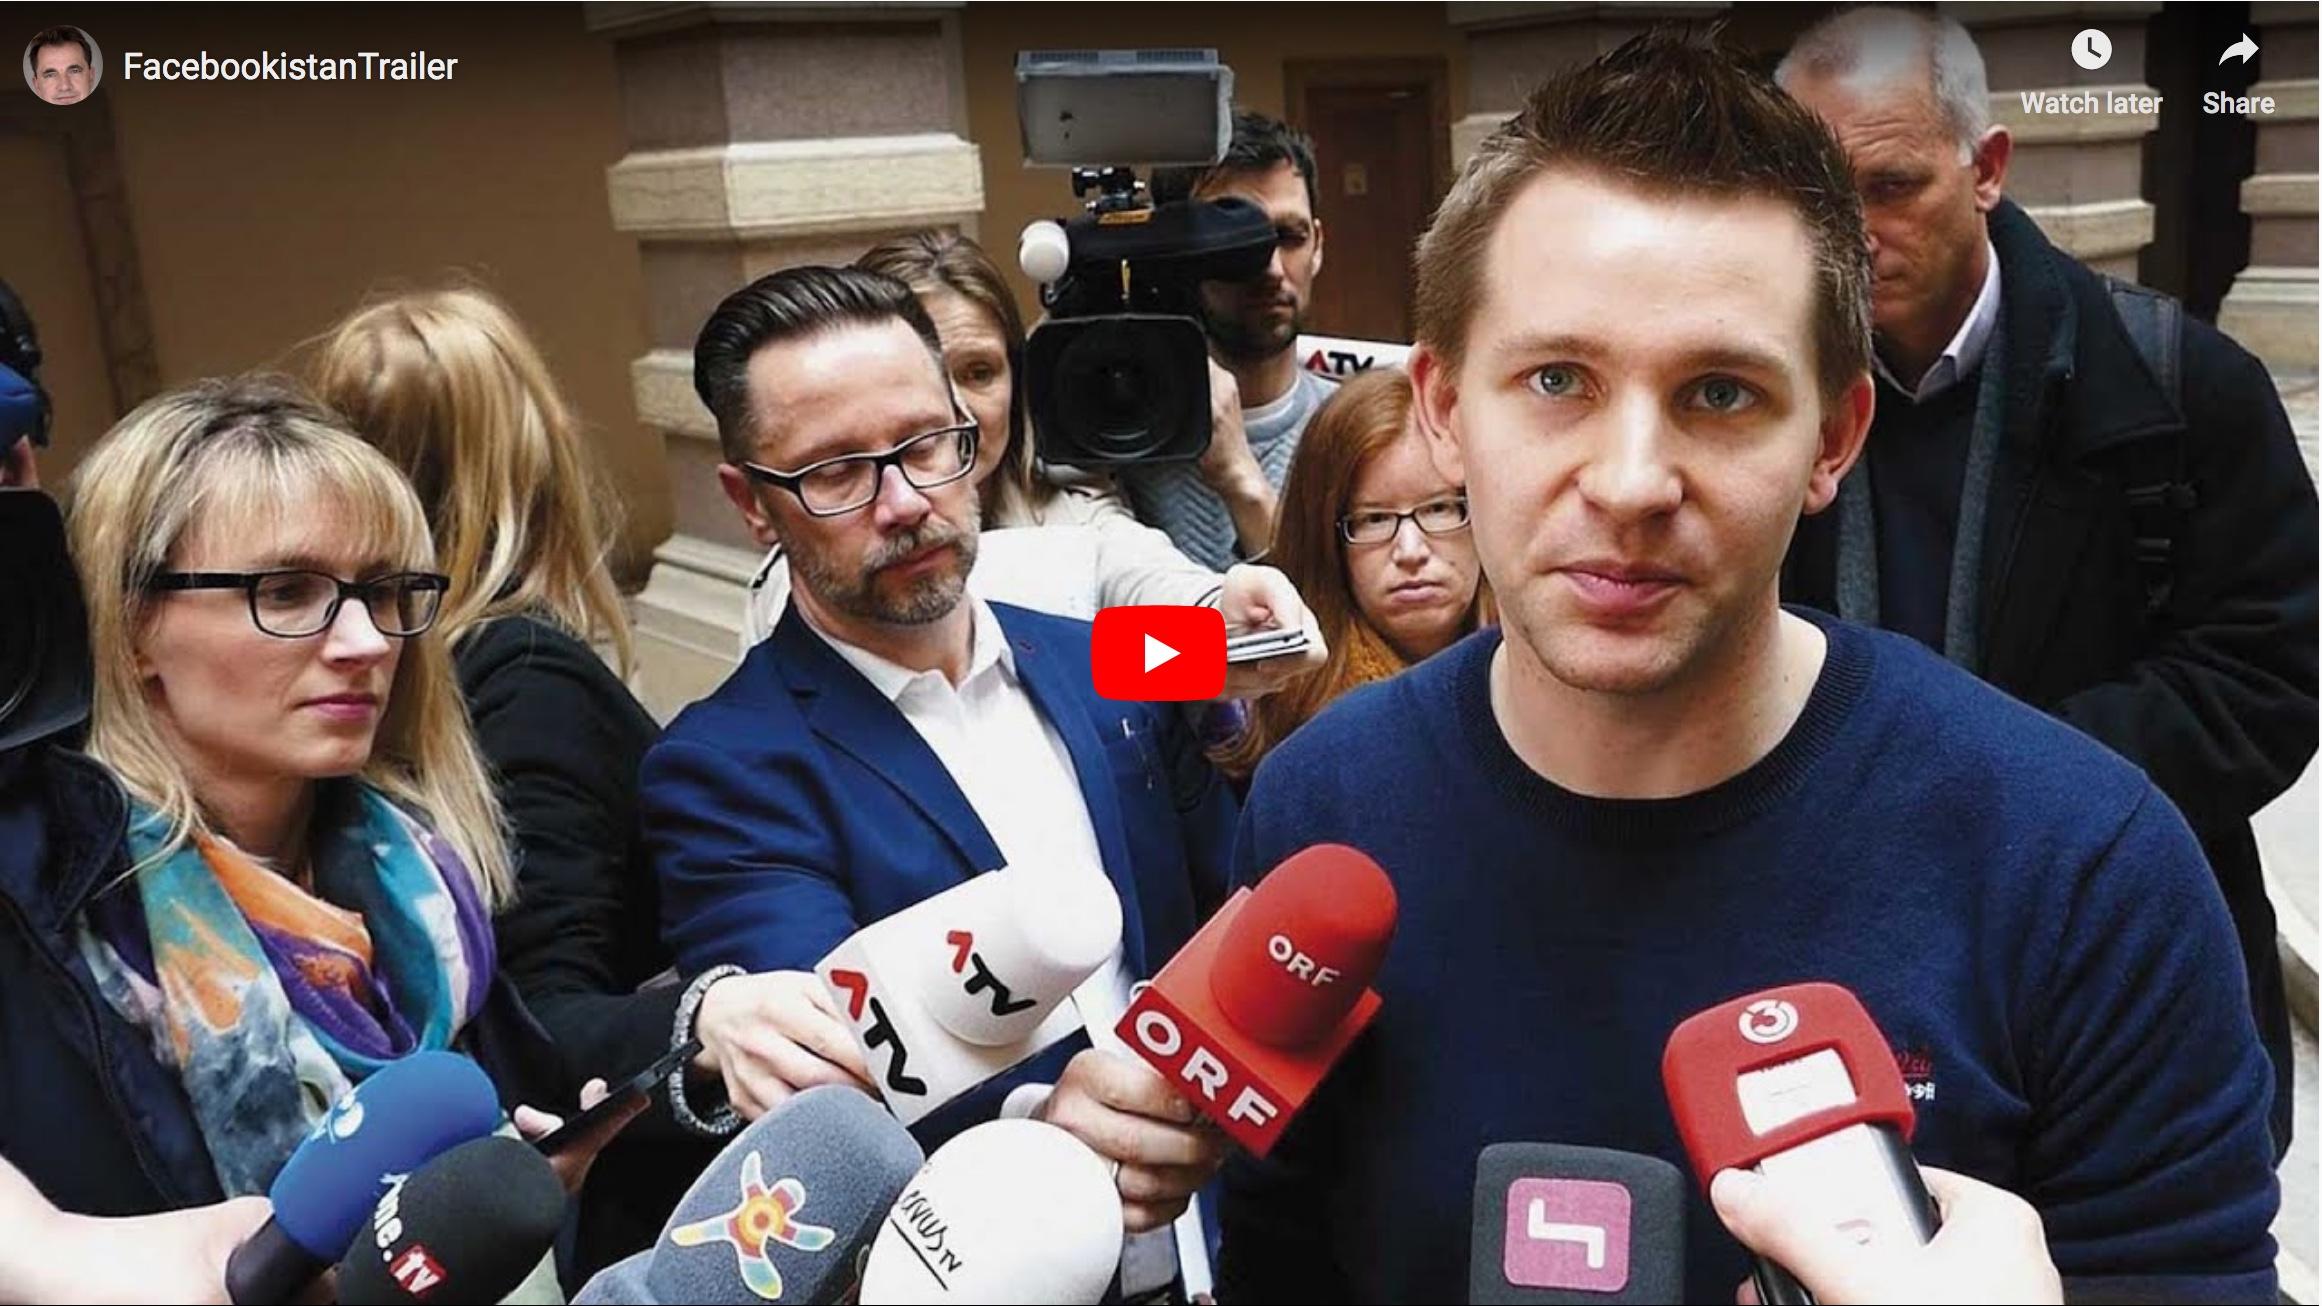 The Danish Case